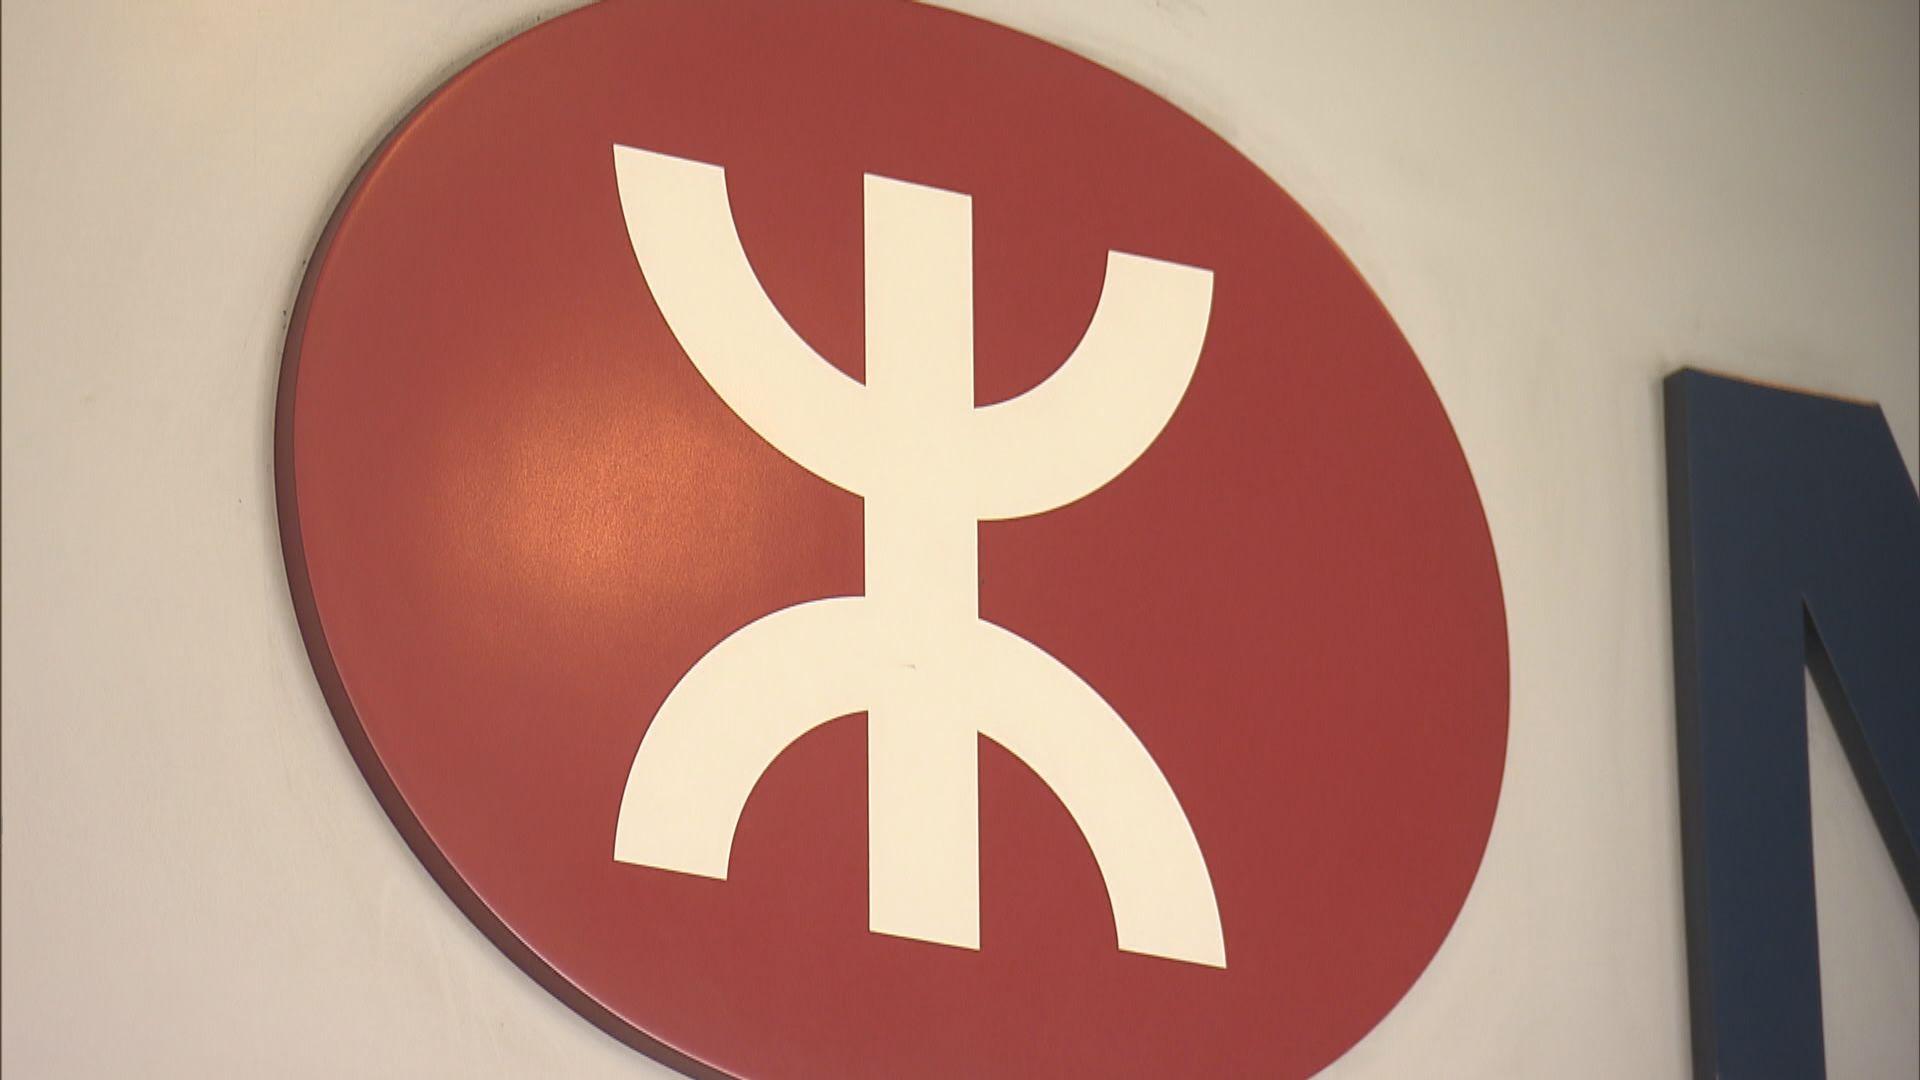 港鐵對休班站長被阻離開致受傷予強烈譴責